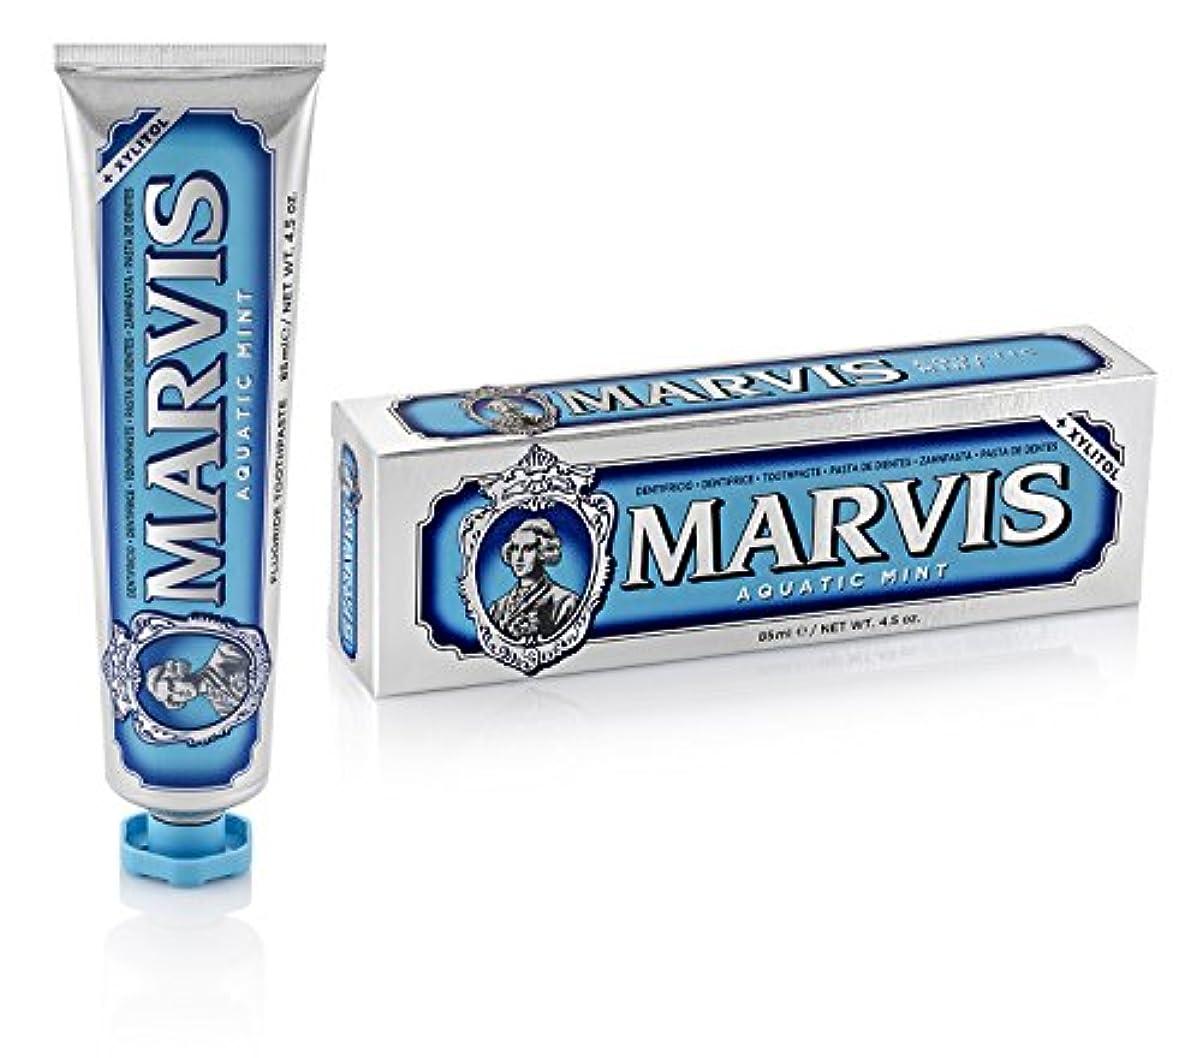 消費者バウンド妻マーヴィス Aquatic Mint Toothpaste With Xylitol 85ml/4.5oz並行輸入品